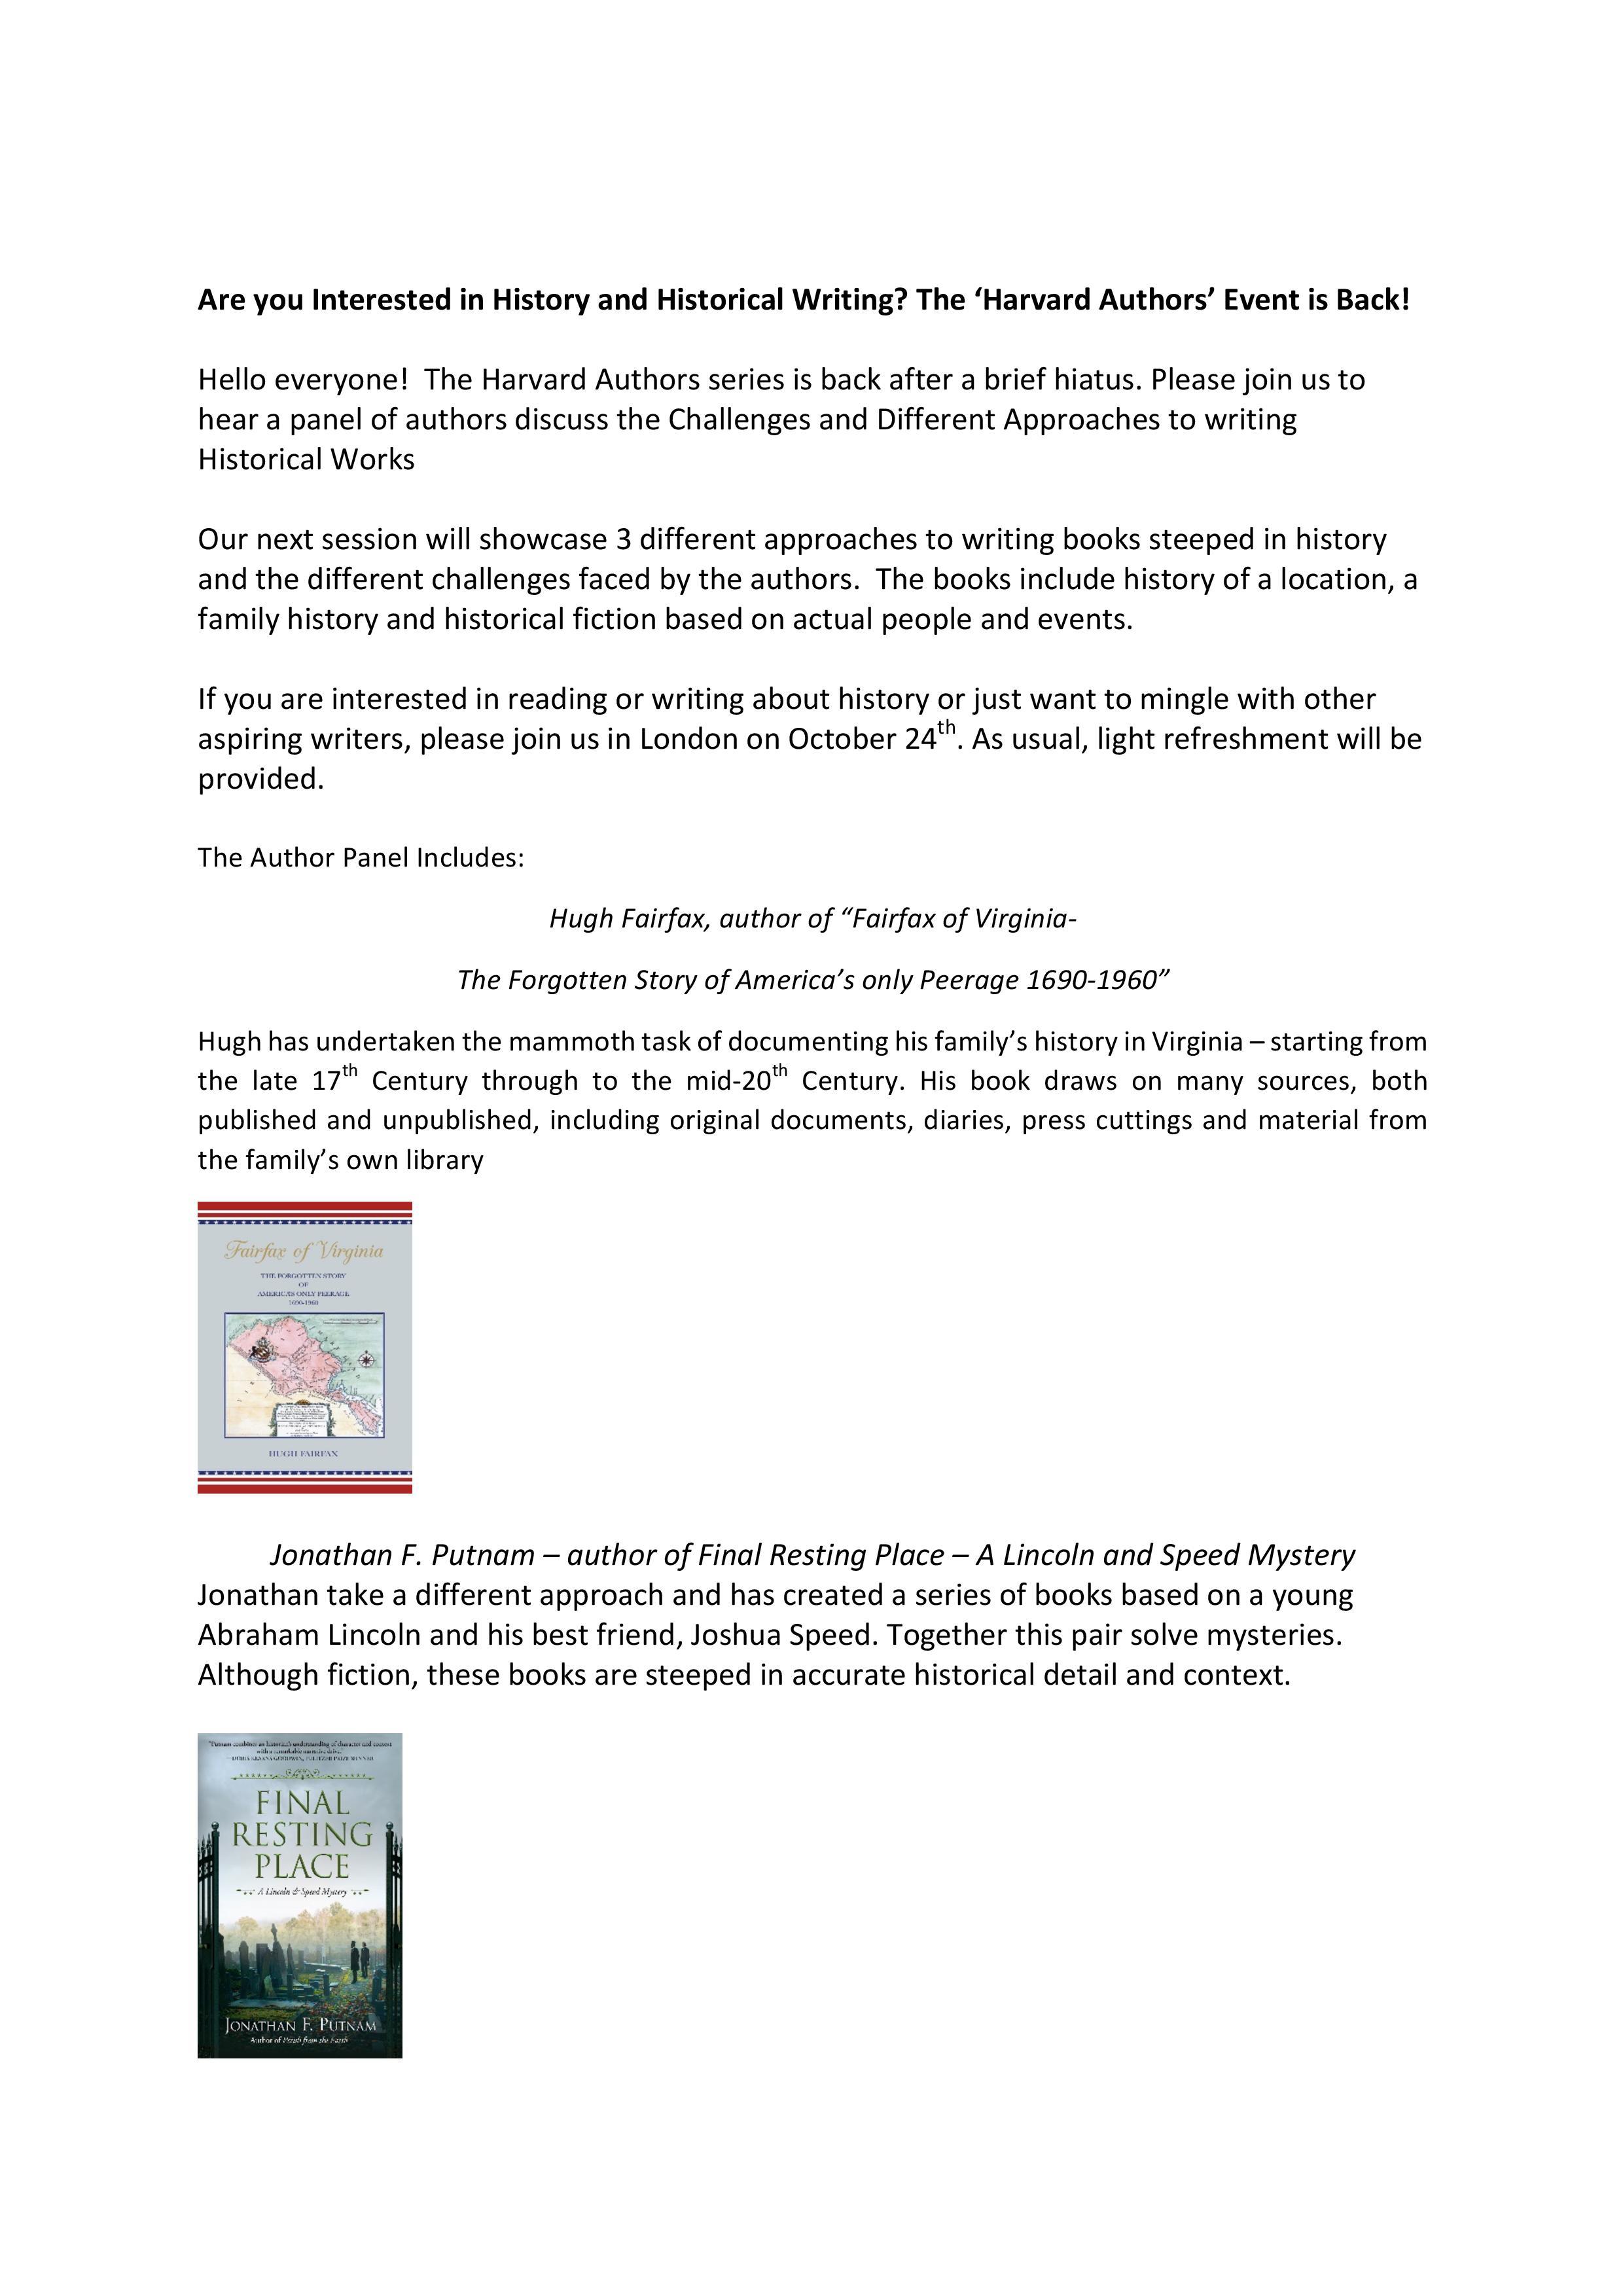 invitation-harvard-authors-page-001-2